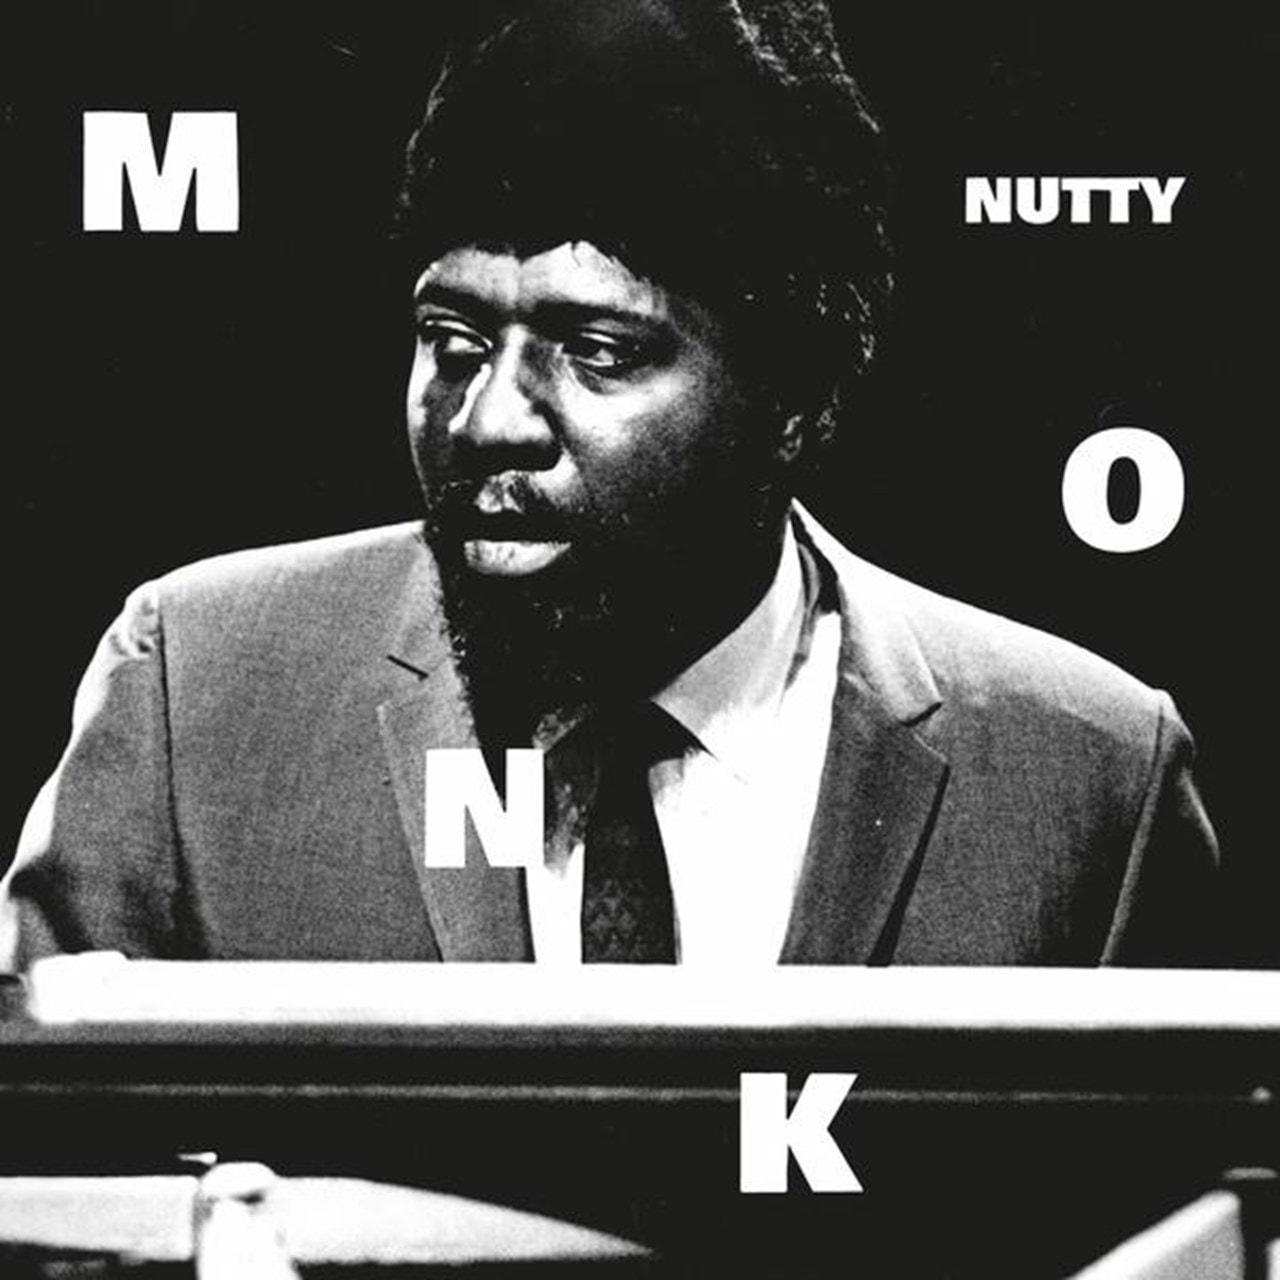 Nutty - 1